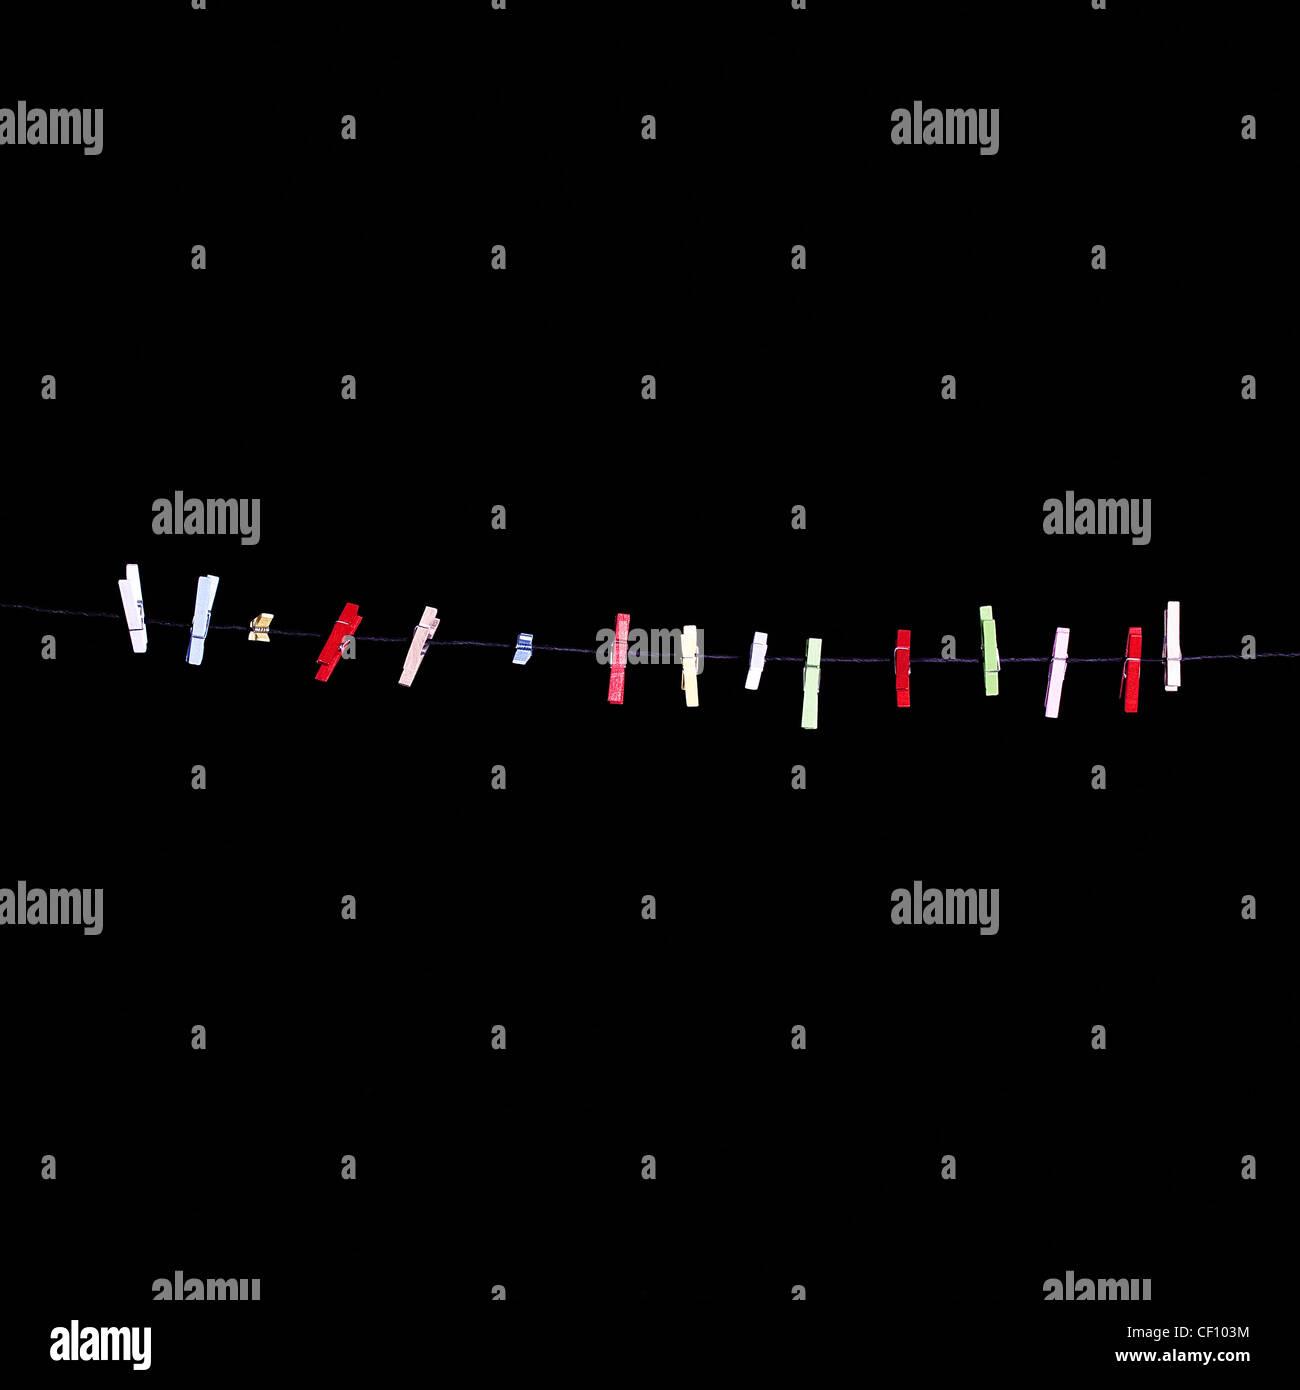 mehr bunten Wäscheklammern in einer Zeile auf einem schwarzen Hintergrund Stockbild